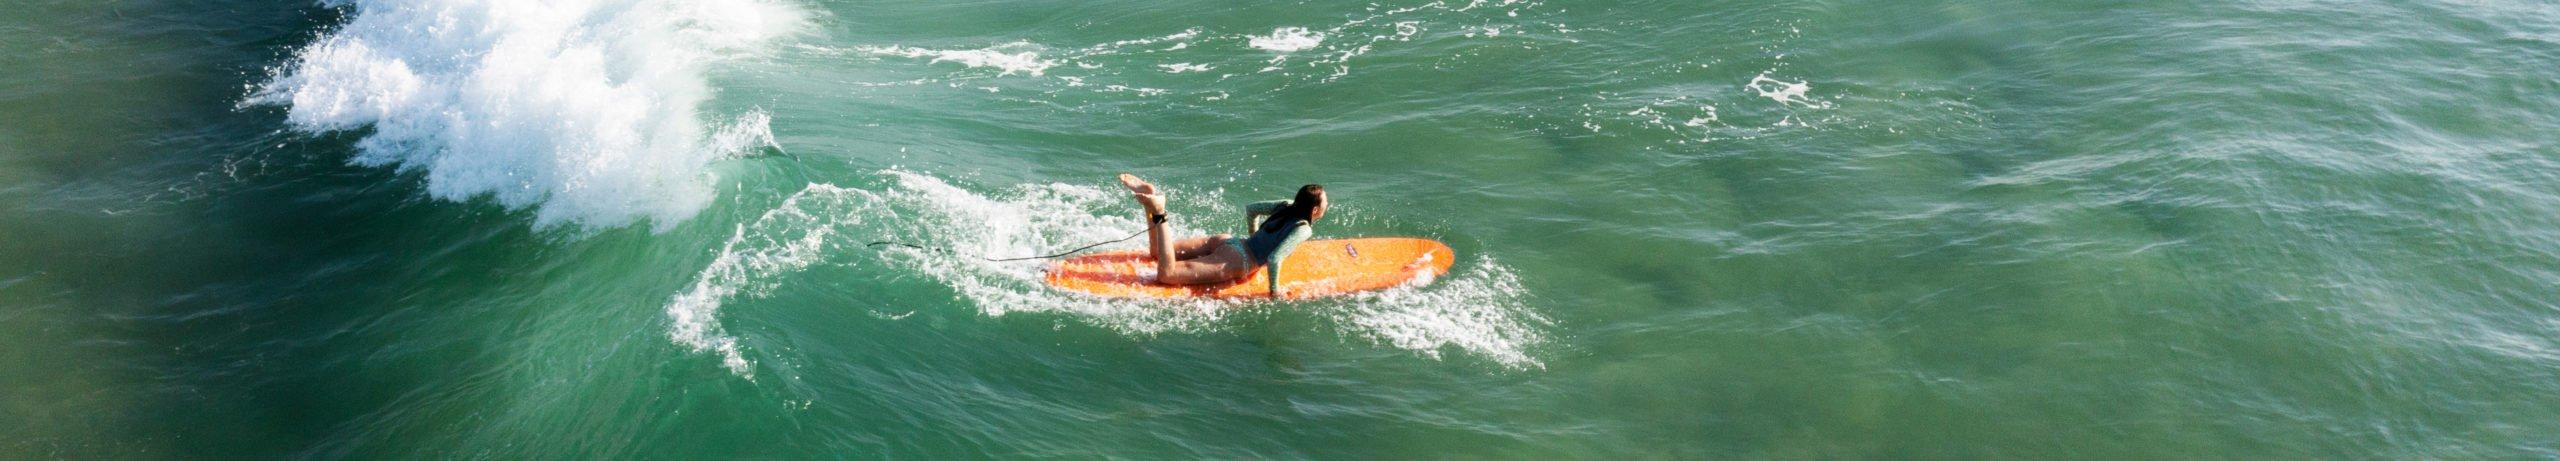 surfing girl lili bikini